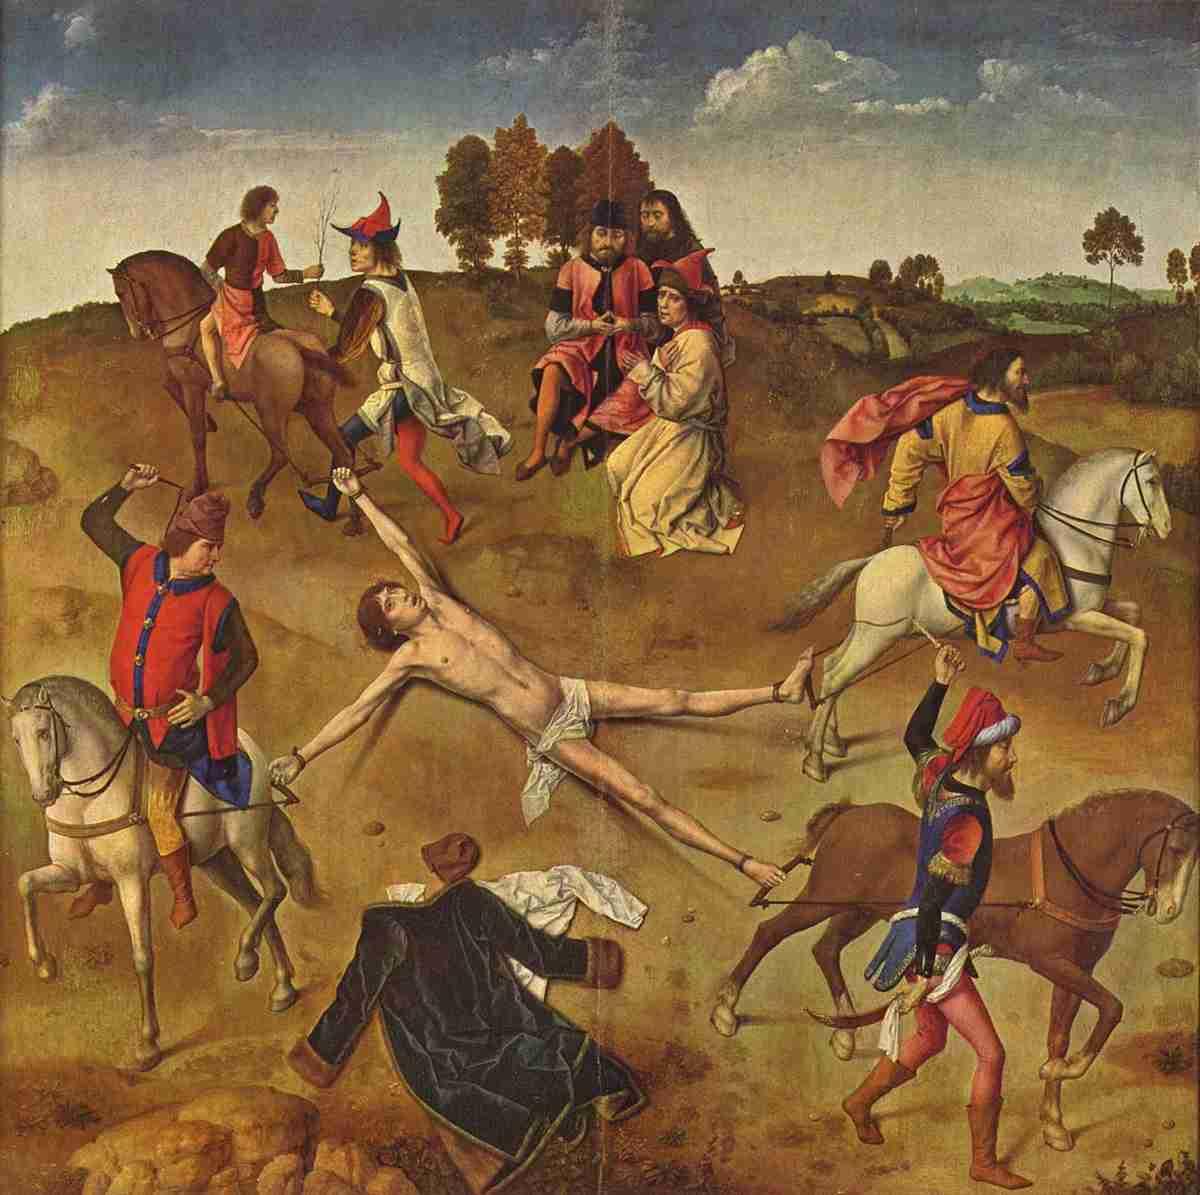 八つ裂きの刑 - Wikipedia